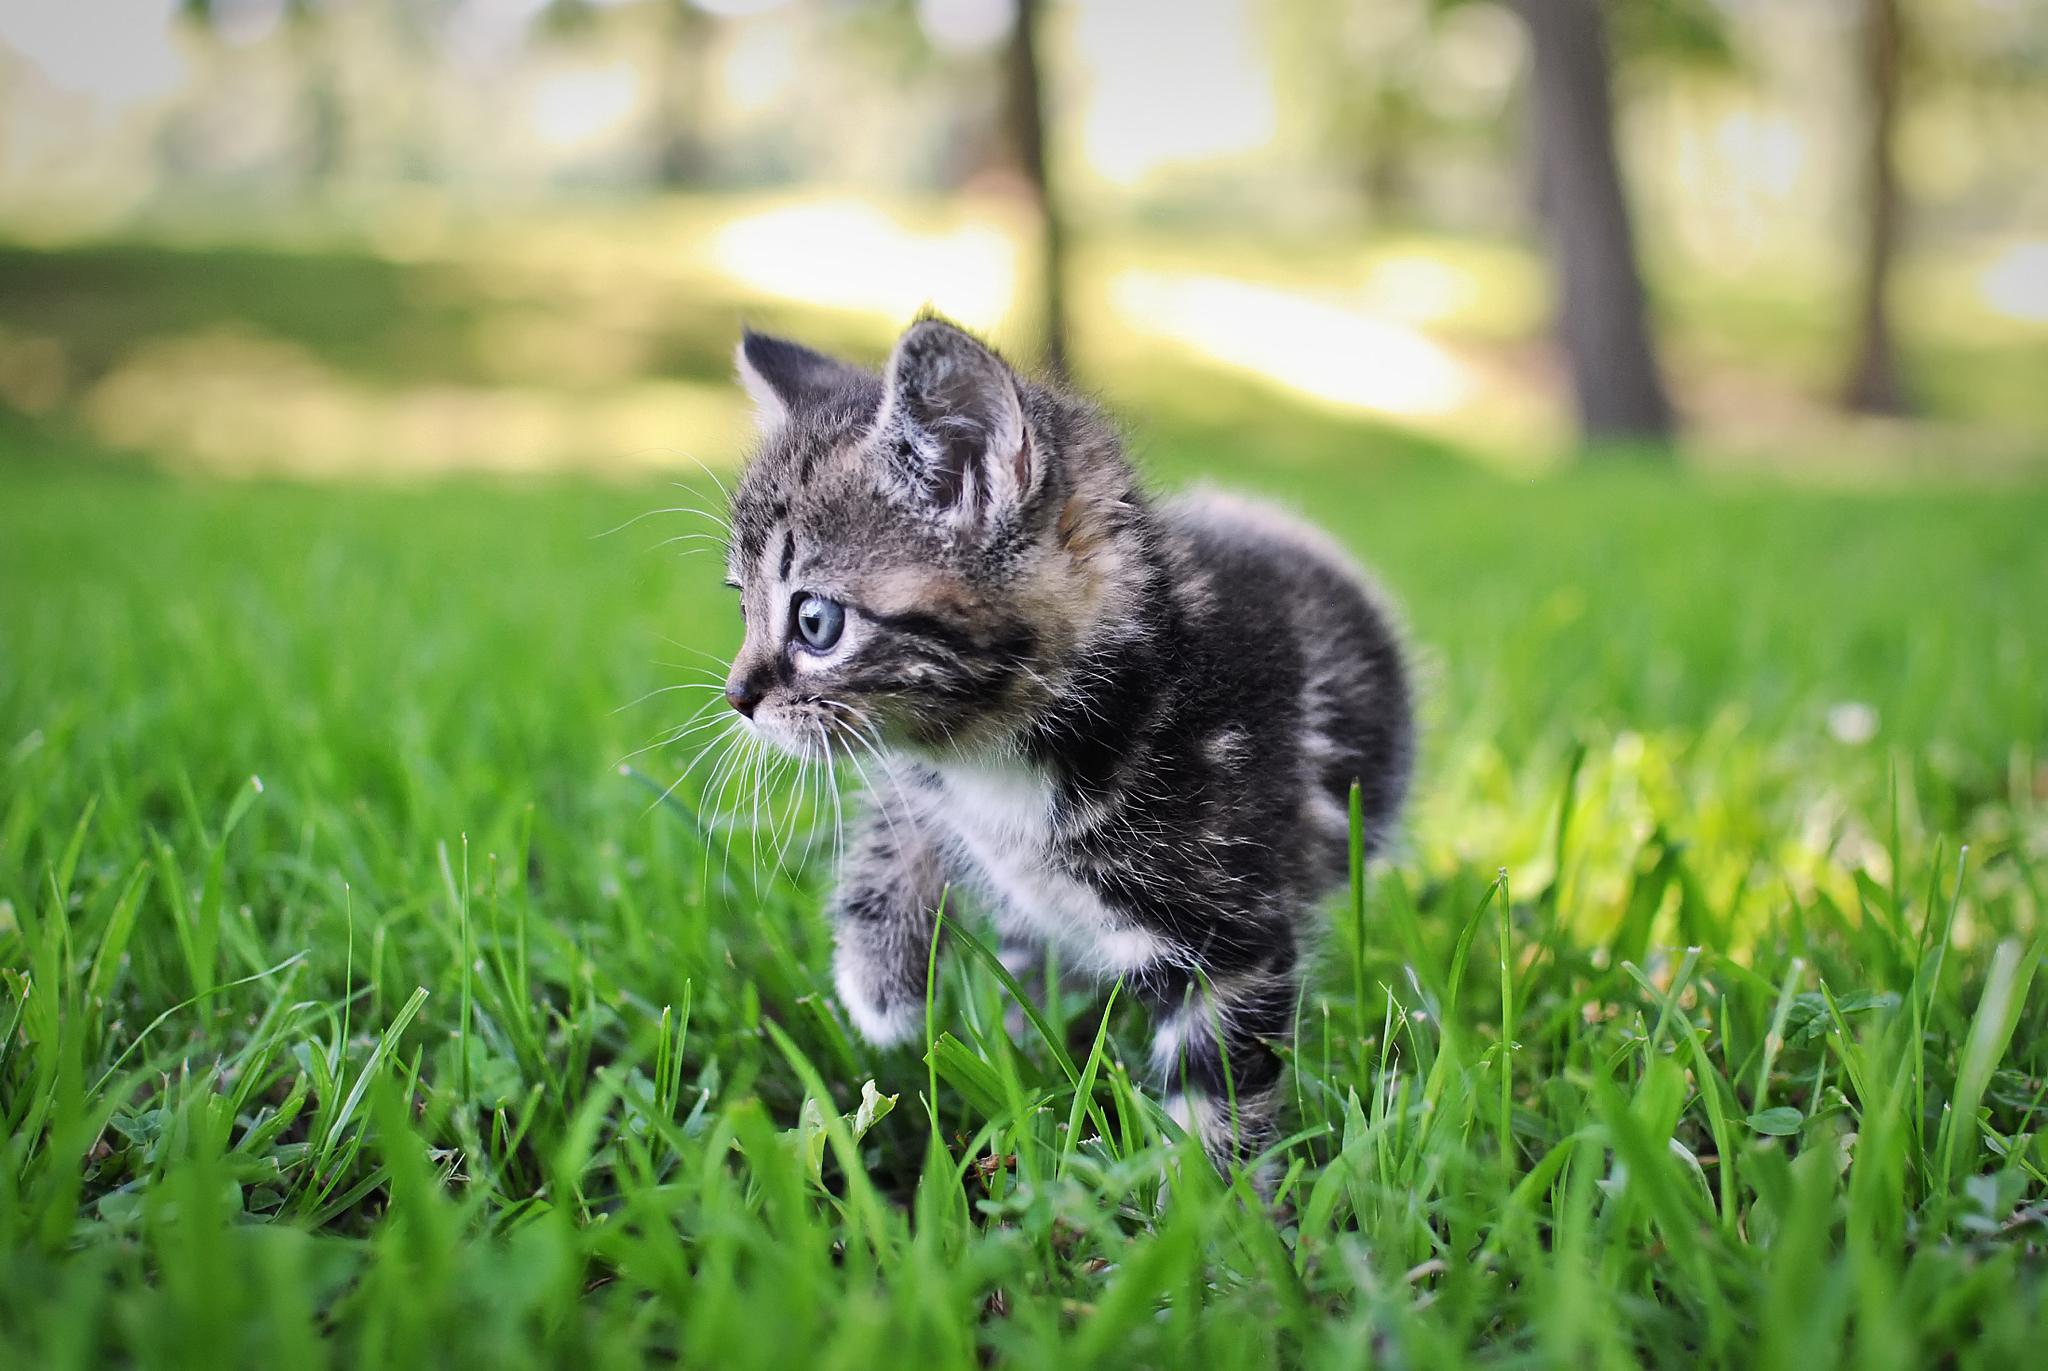 Котенок играющий с кошкой в траве  № 1994930 загрузить